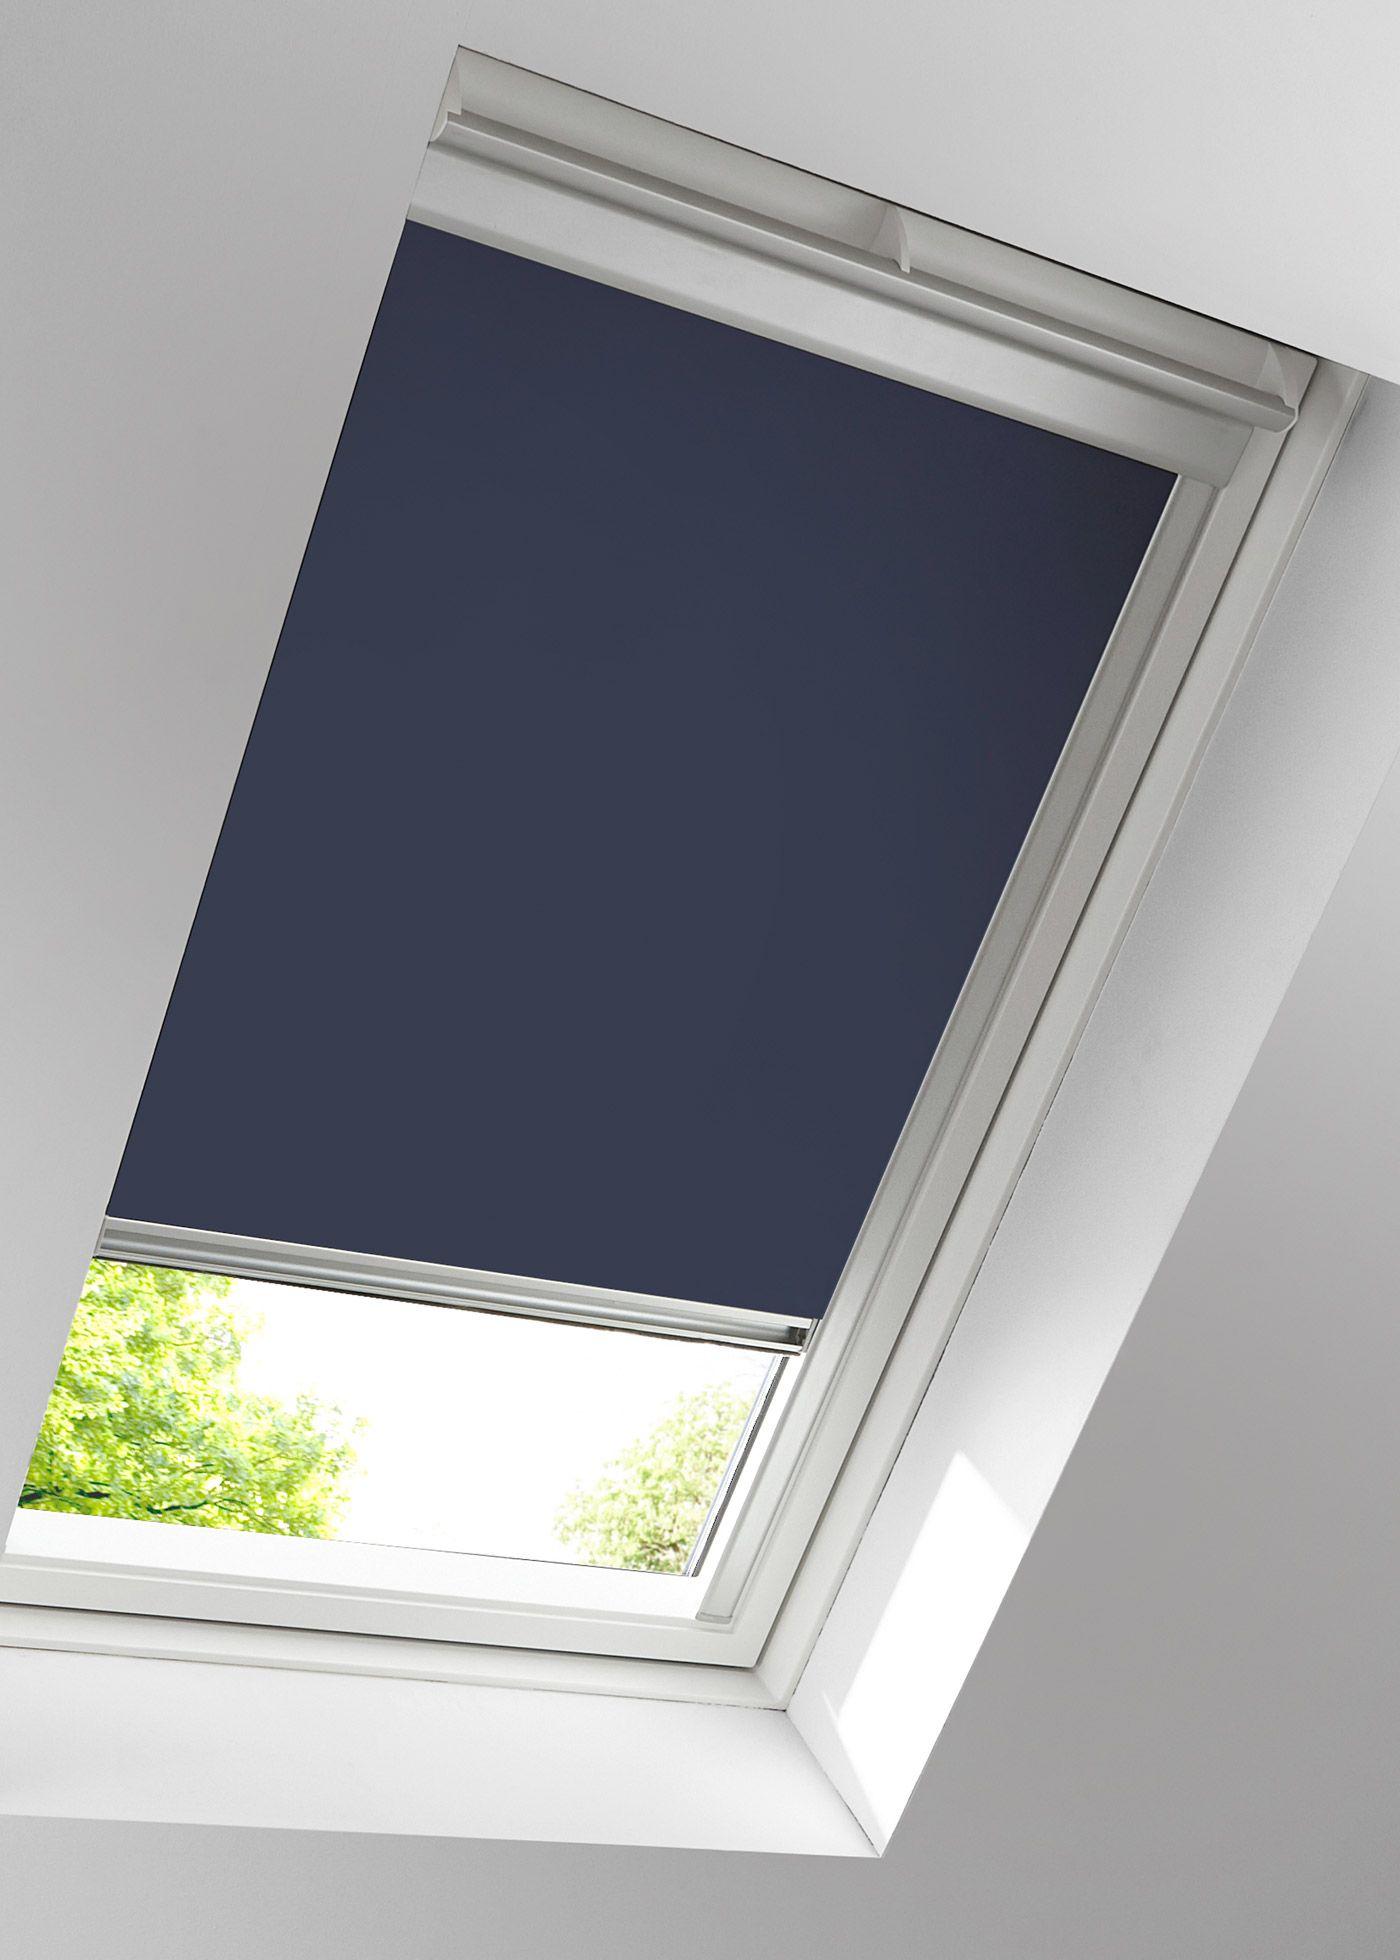 dachfenster-rollo verdunkelung, schiene blau jetzt im online shop